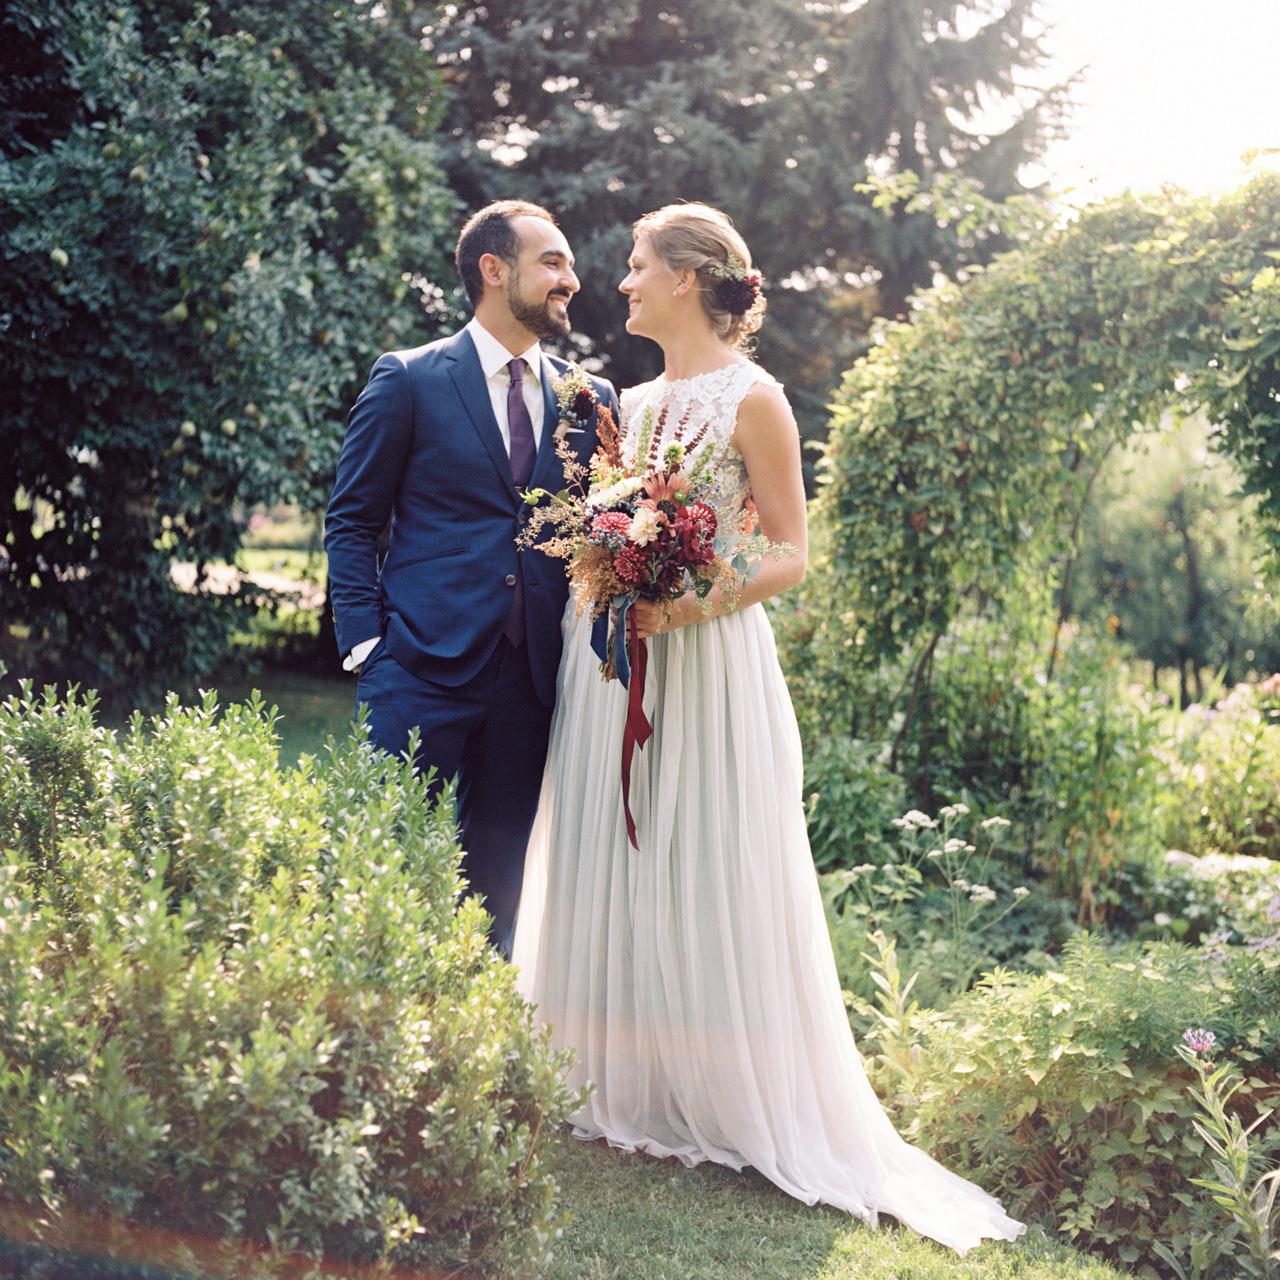 mt-hood-organic-farms-film-wedding-09.jpg